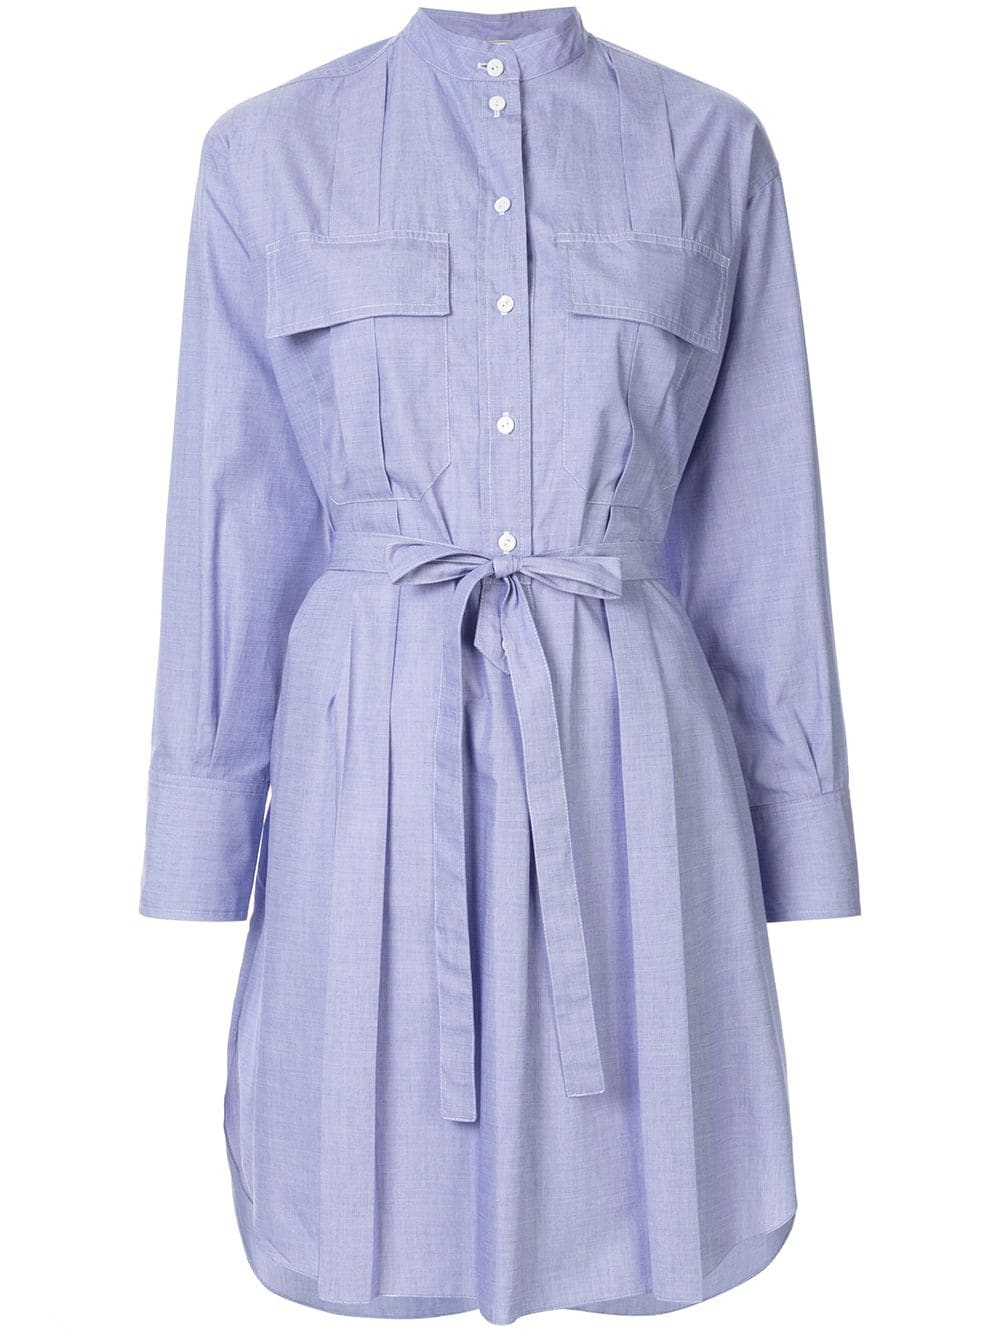 NINA RICCI   платье-рубашка с поясом   Clouty